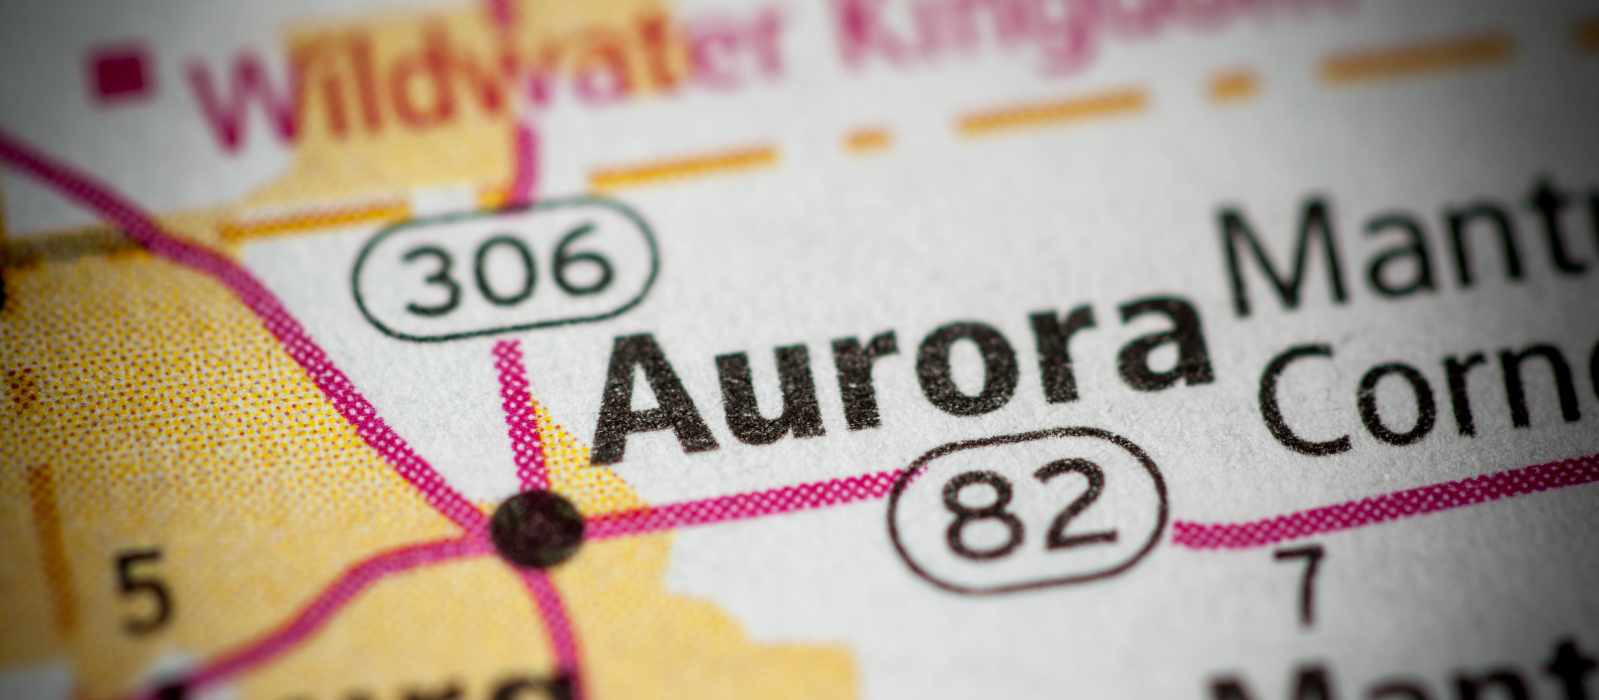 Eyefficient is located in Aurora, Ohio, near Clevelanc